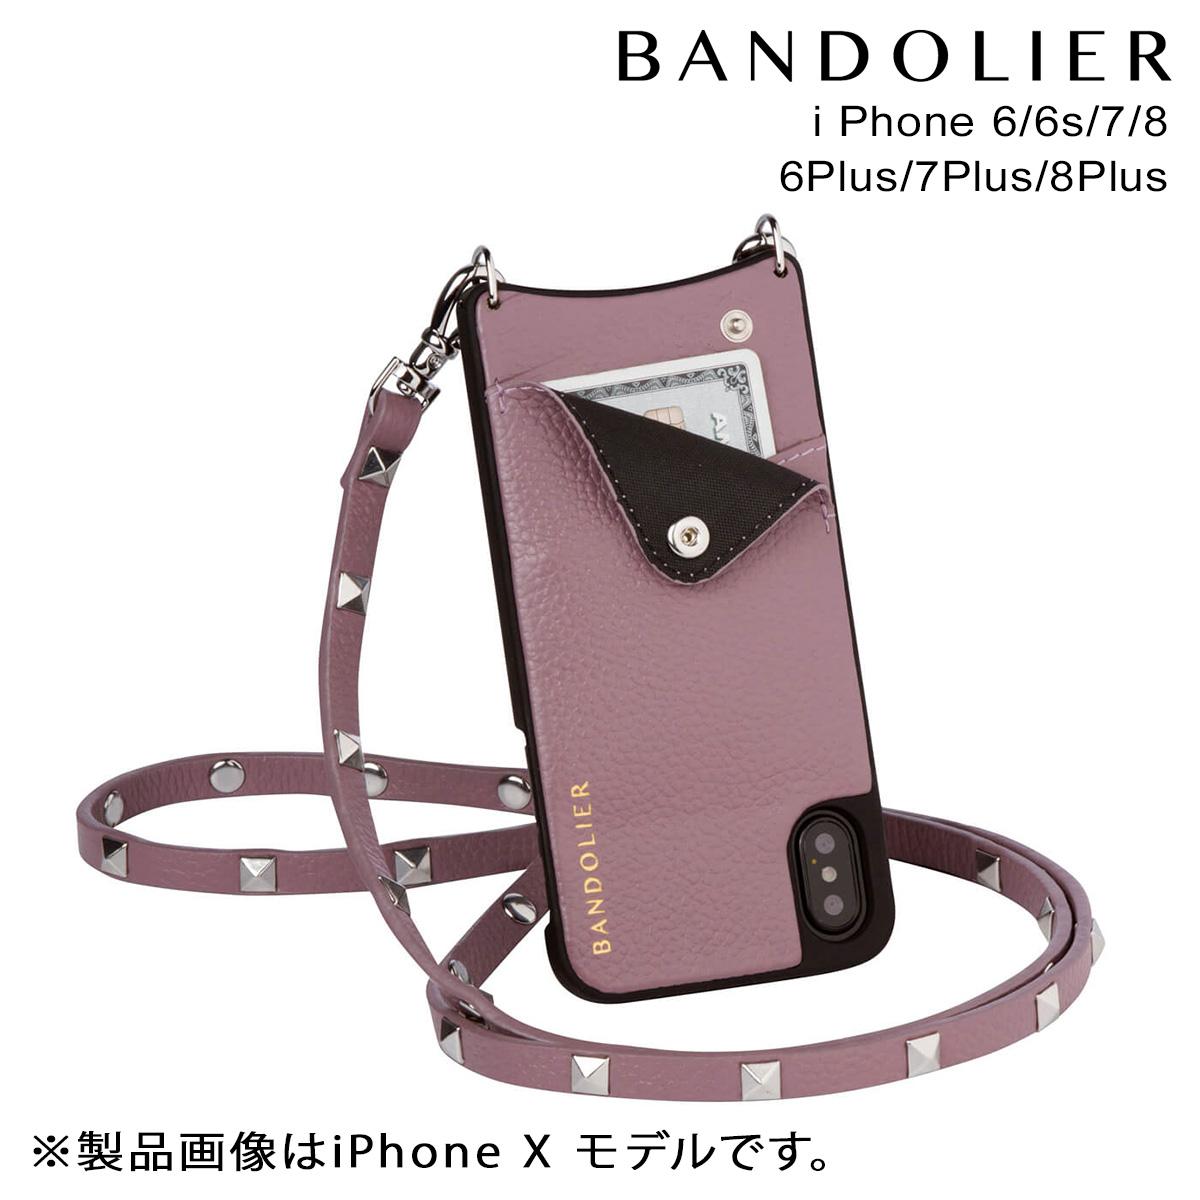 BANDOLIER iPhone8 iPhone7 7Plus 6s SARAH IRIS バンドリヤー ケース スマホ アイフォン プラス メンズ レディース